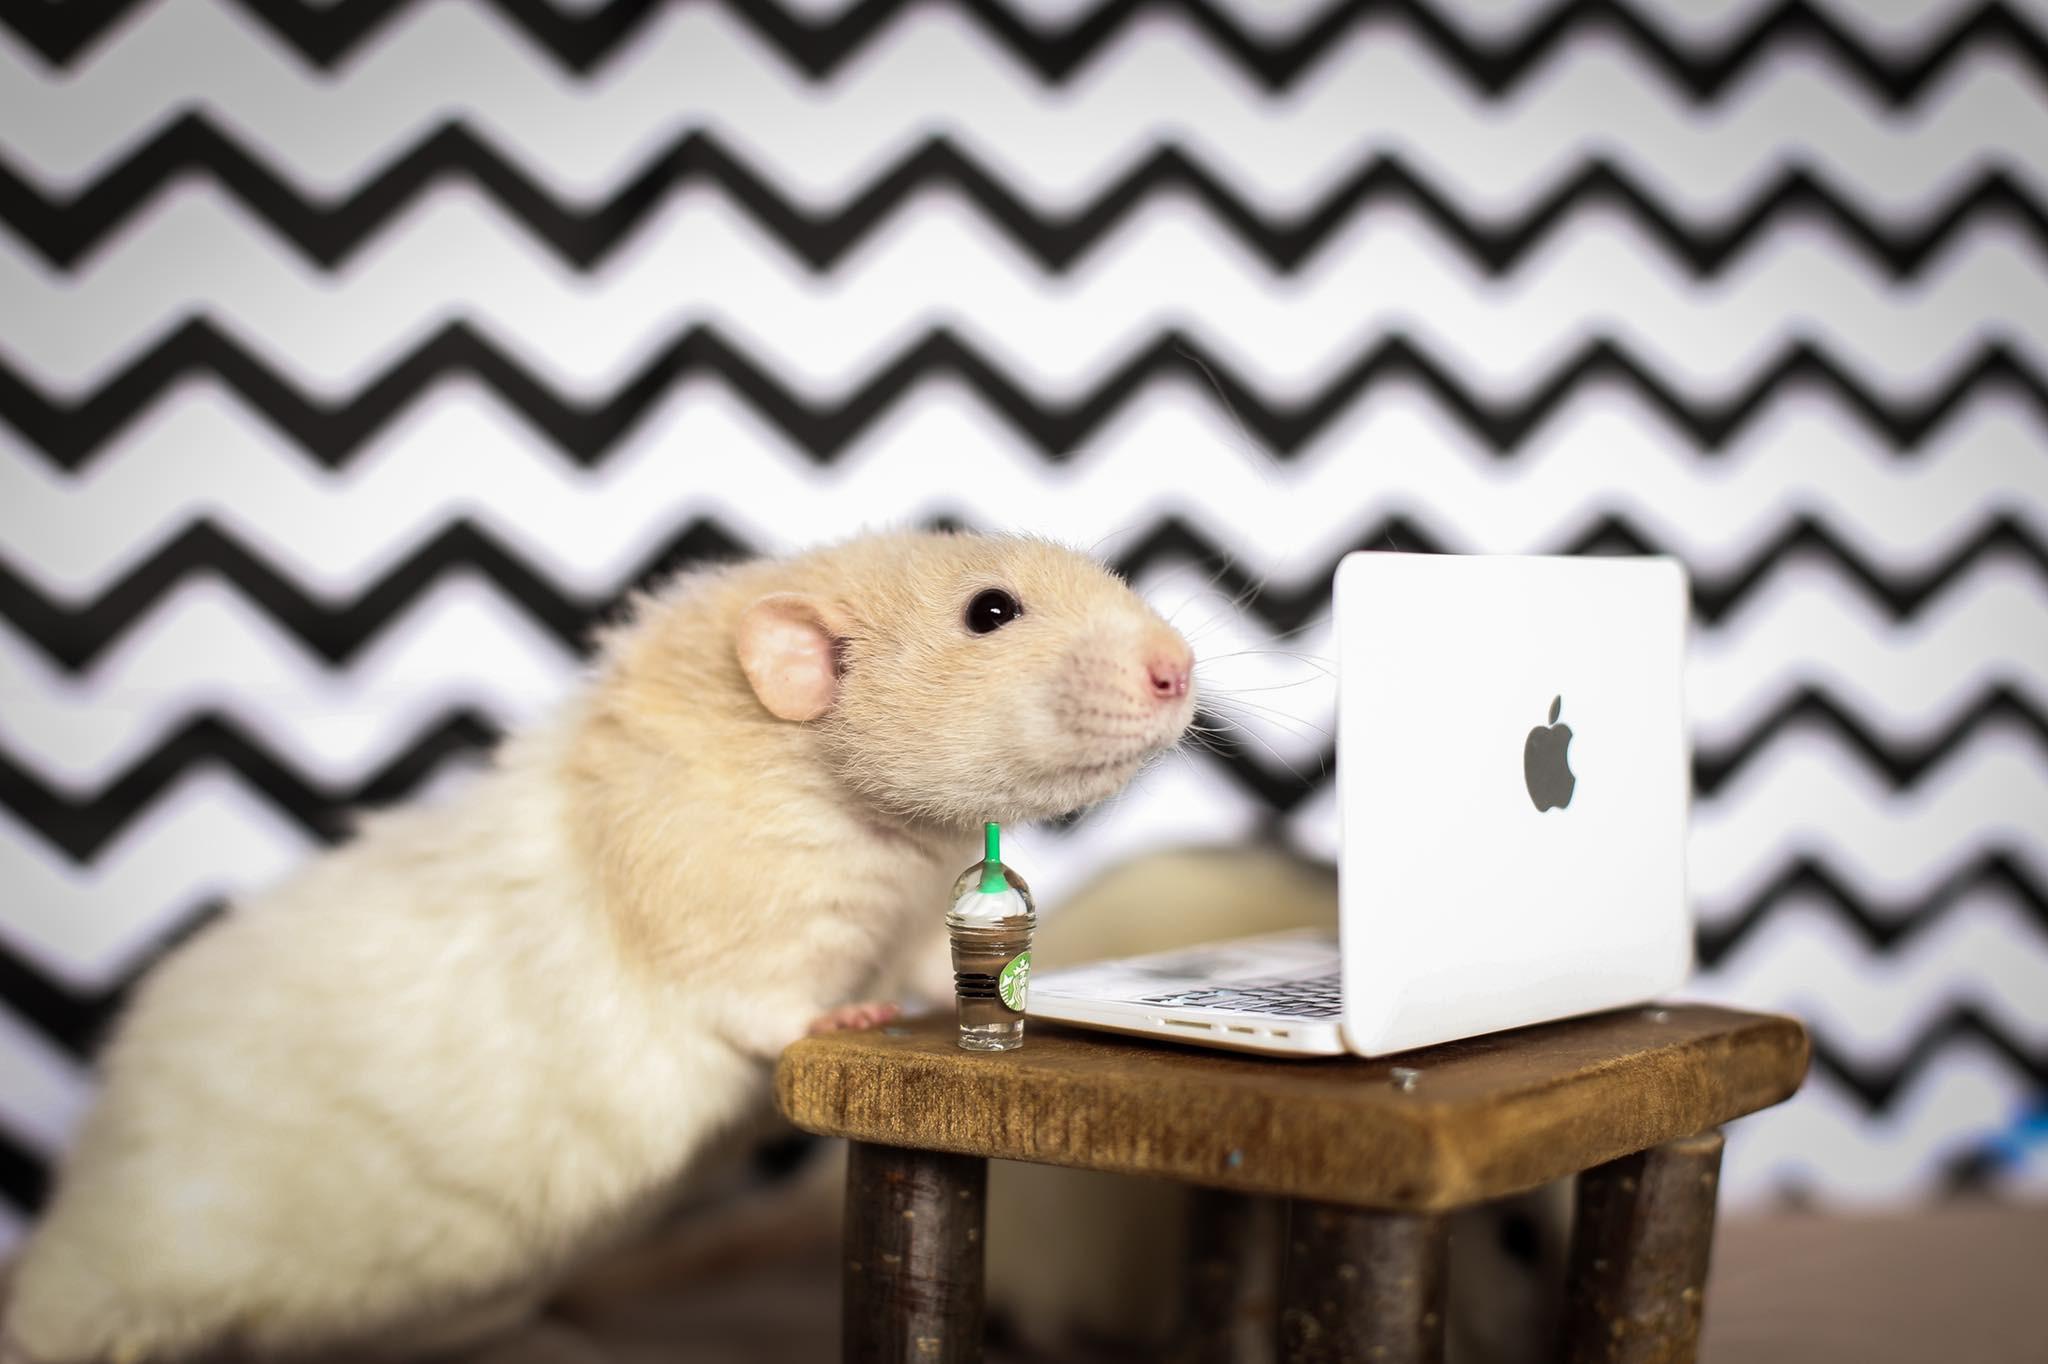 Szczury Dozwolone Od Lat 18 Dbanie O Te Gryzonie Nie Jest łatwe